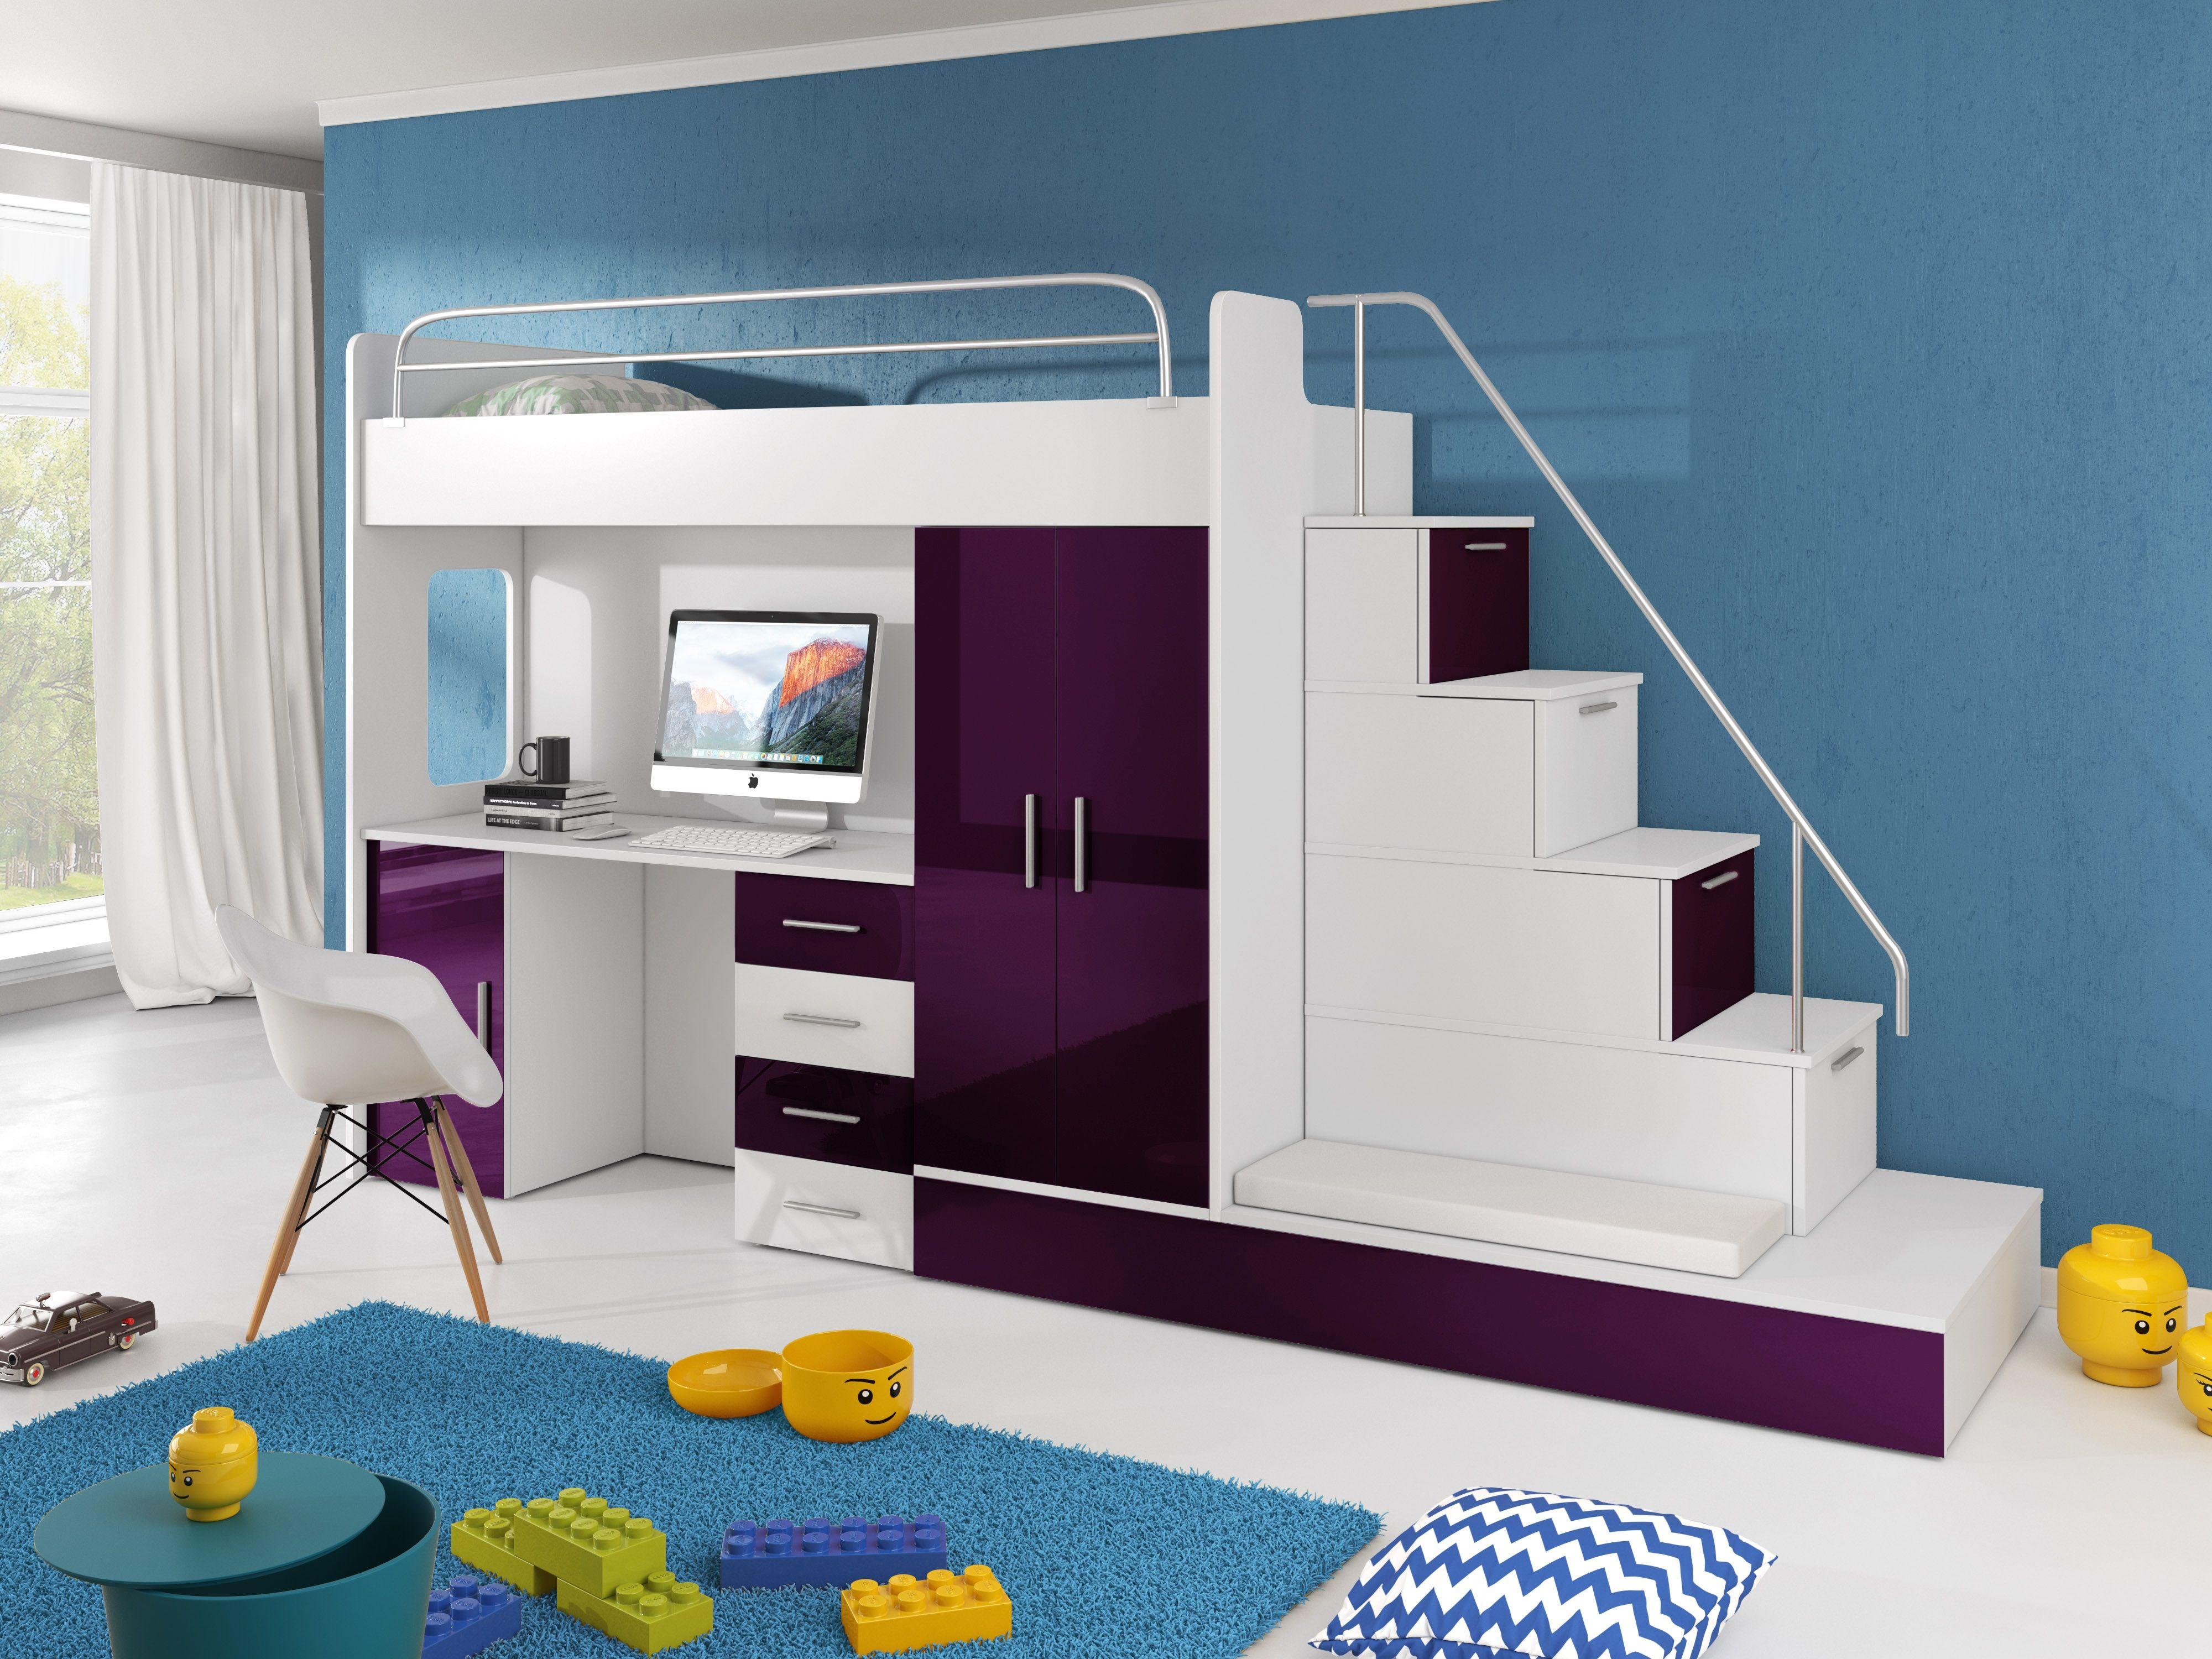 Kinderhochbett Sun Kinder Hochbett Mit Schreibtisch Schrank Und